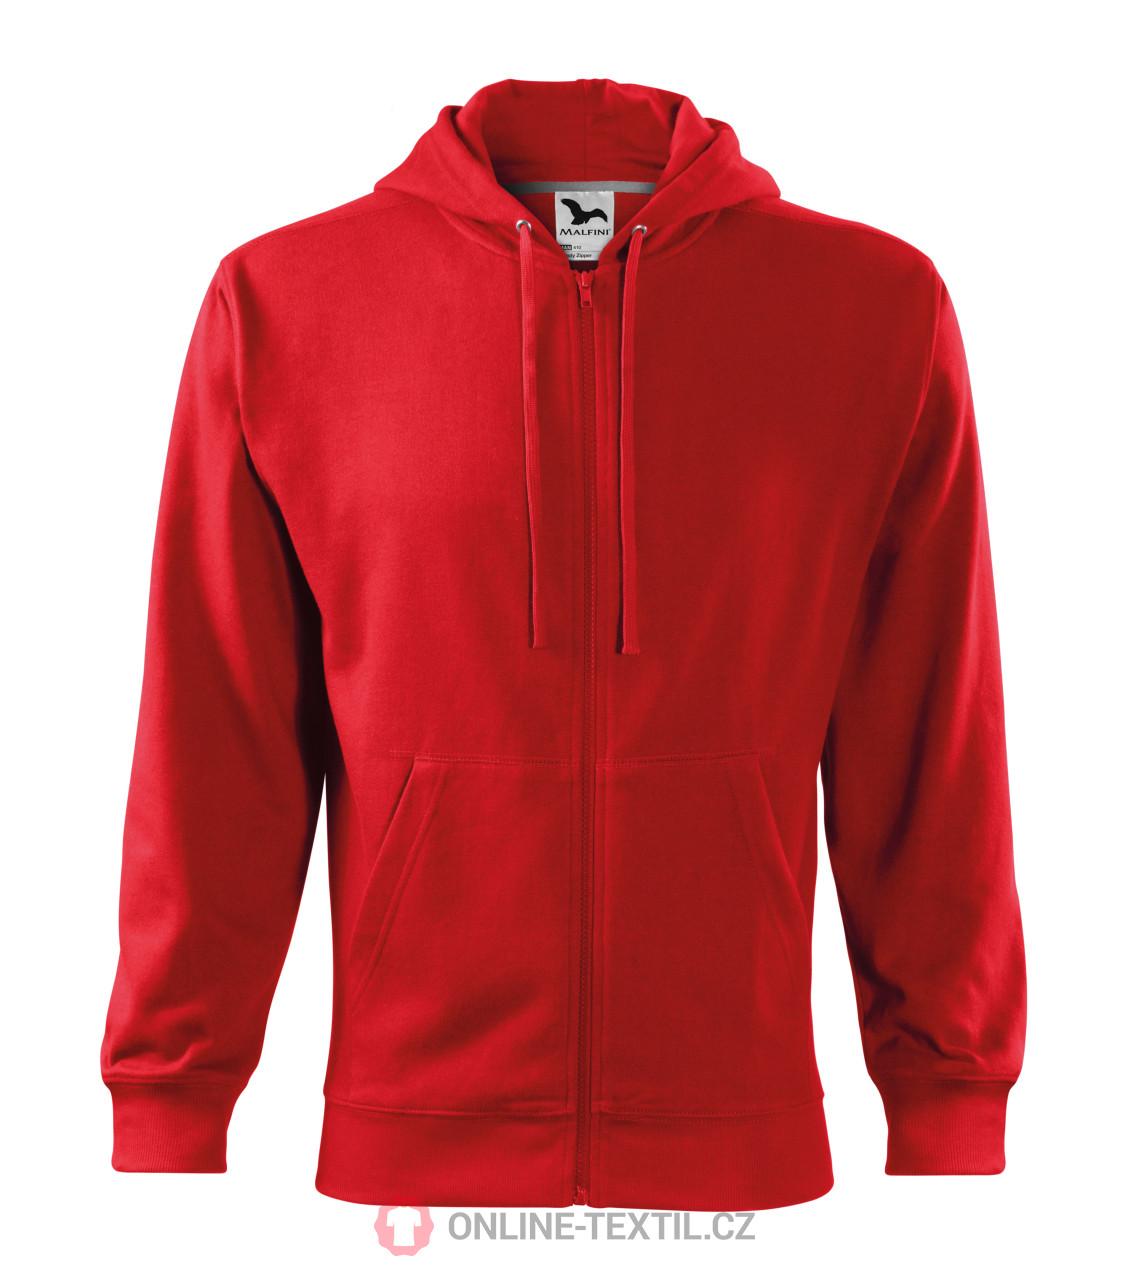 Gents sweatshirt Trendy Zipper with hood ...